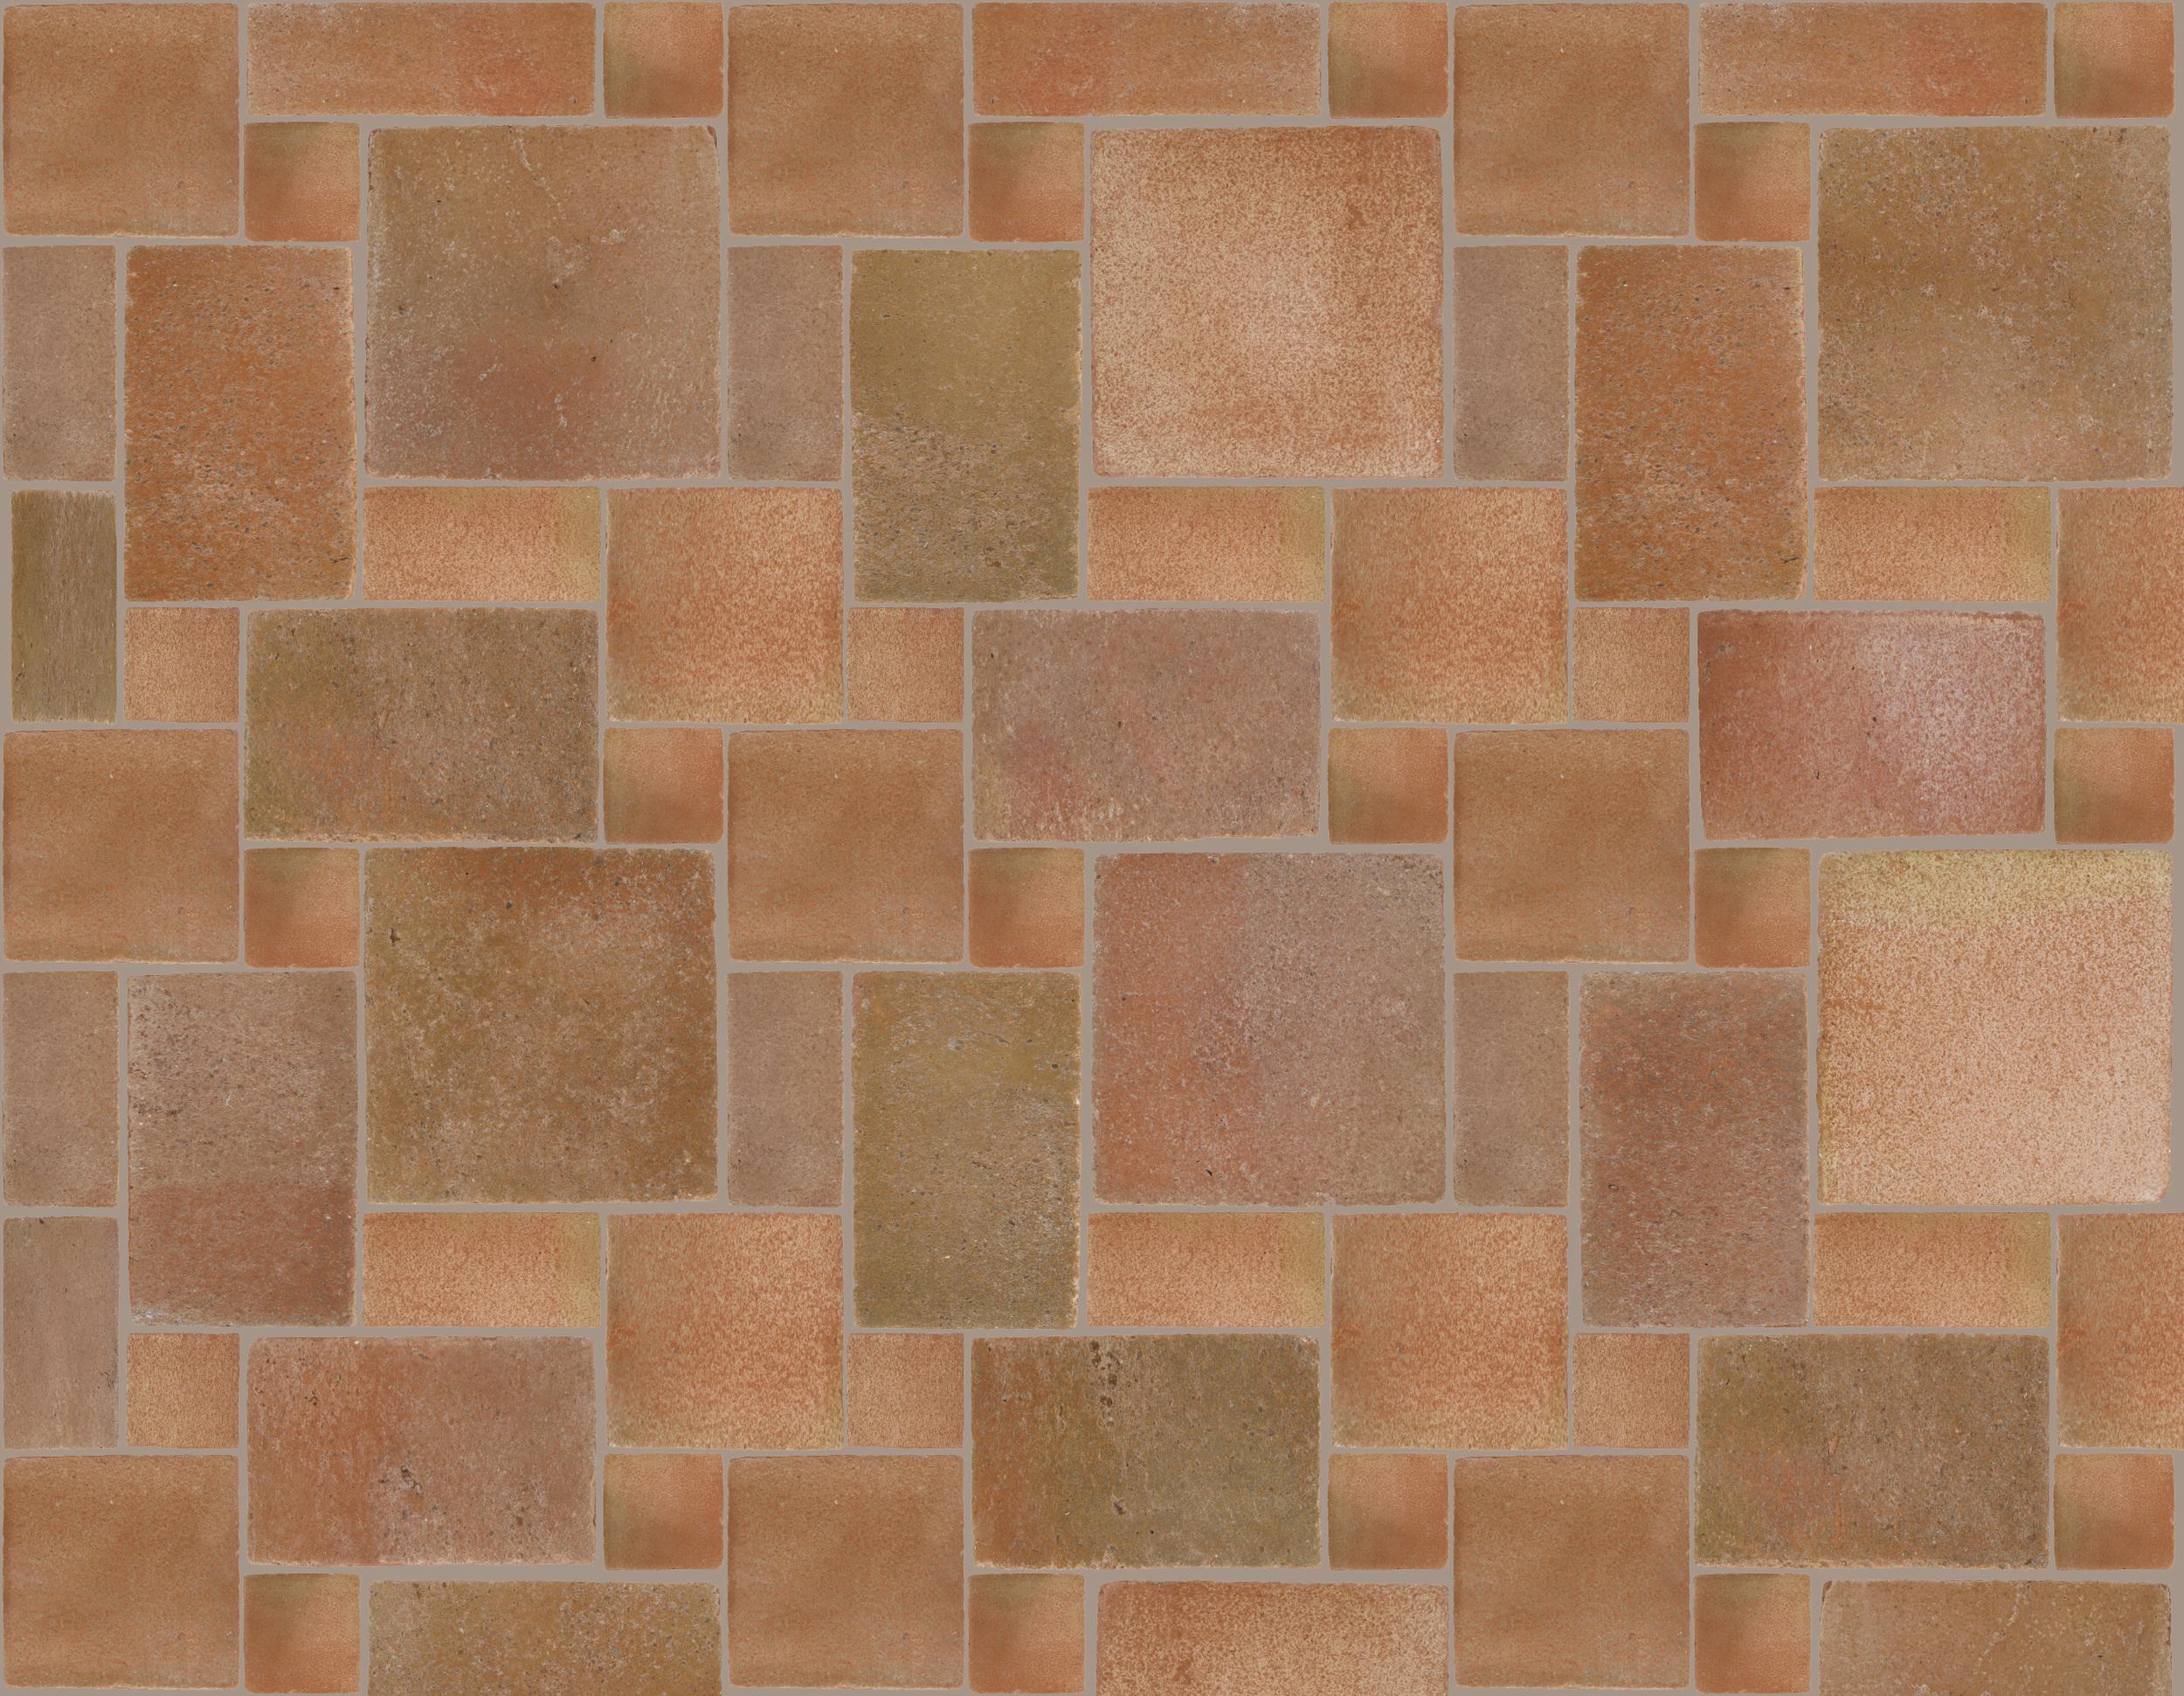 poblet terracotta texture color